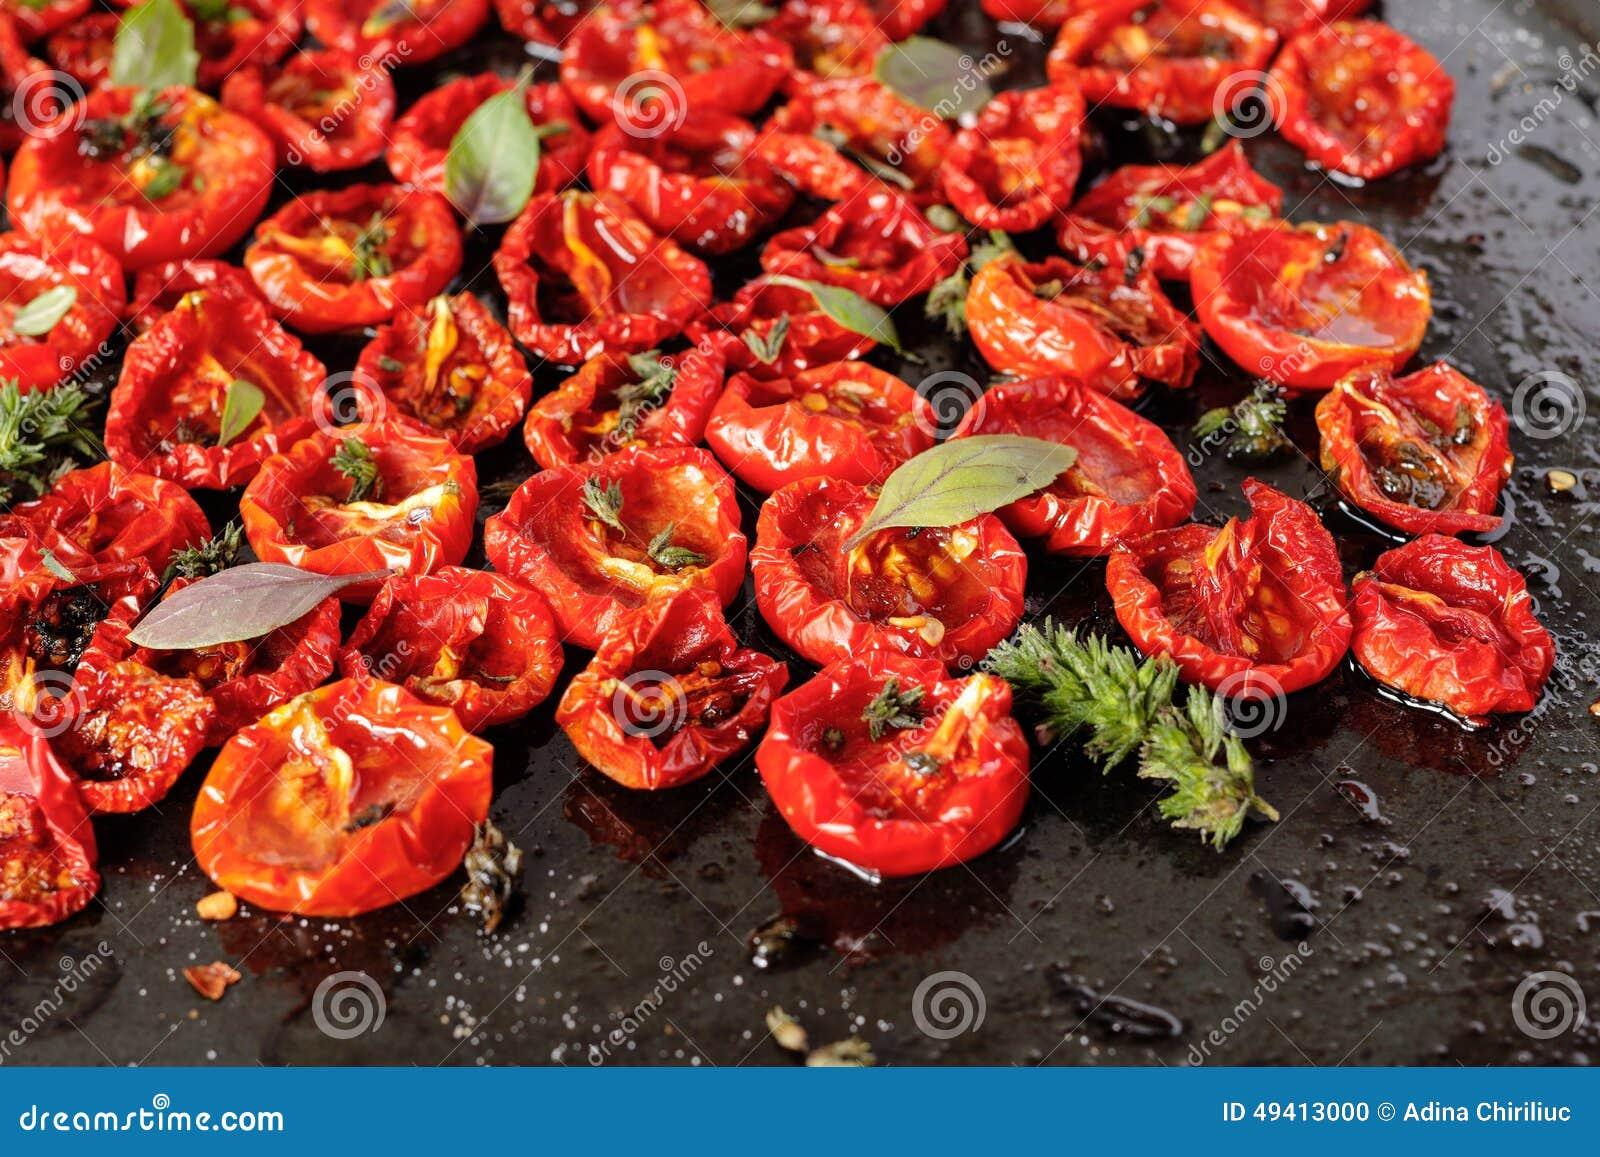 Download Sonnengetrocknete Tomaten stockfoto. Bild von italienisch - 49413000